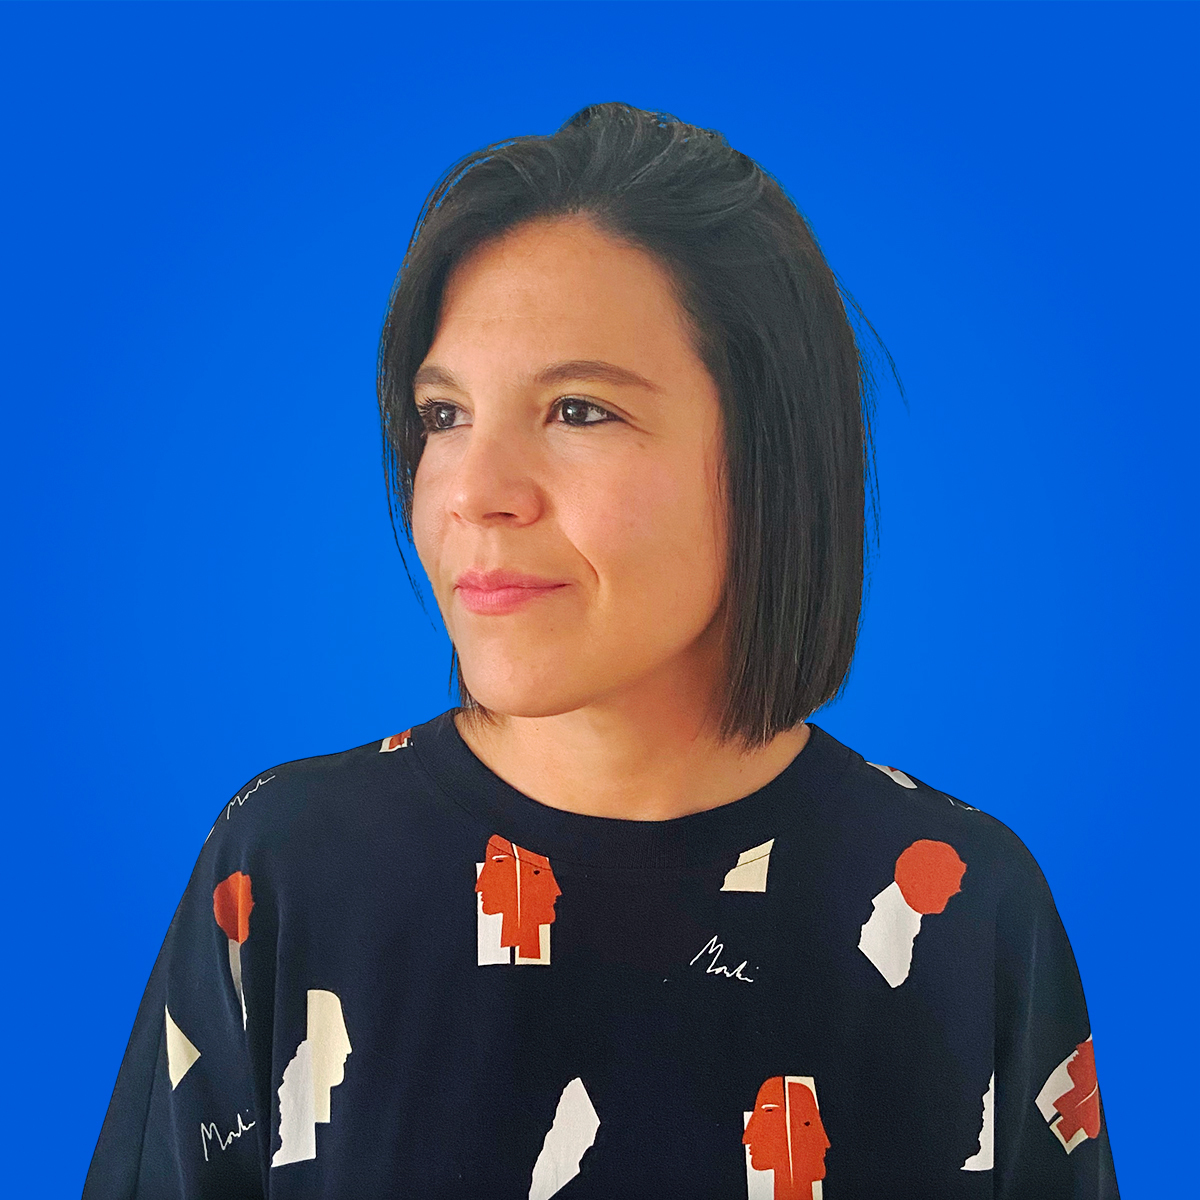 image for Carolina Rodriguez